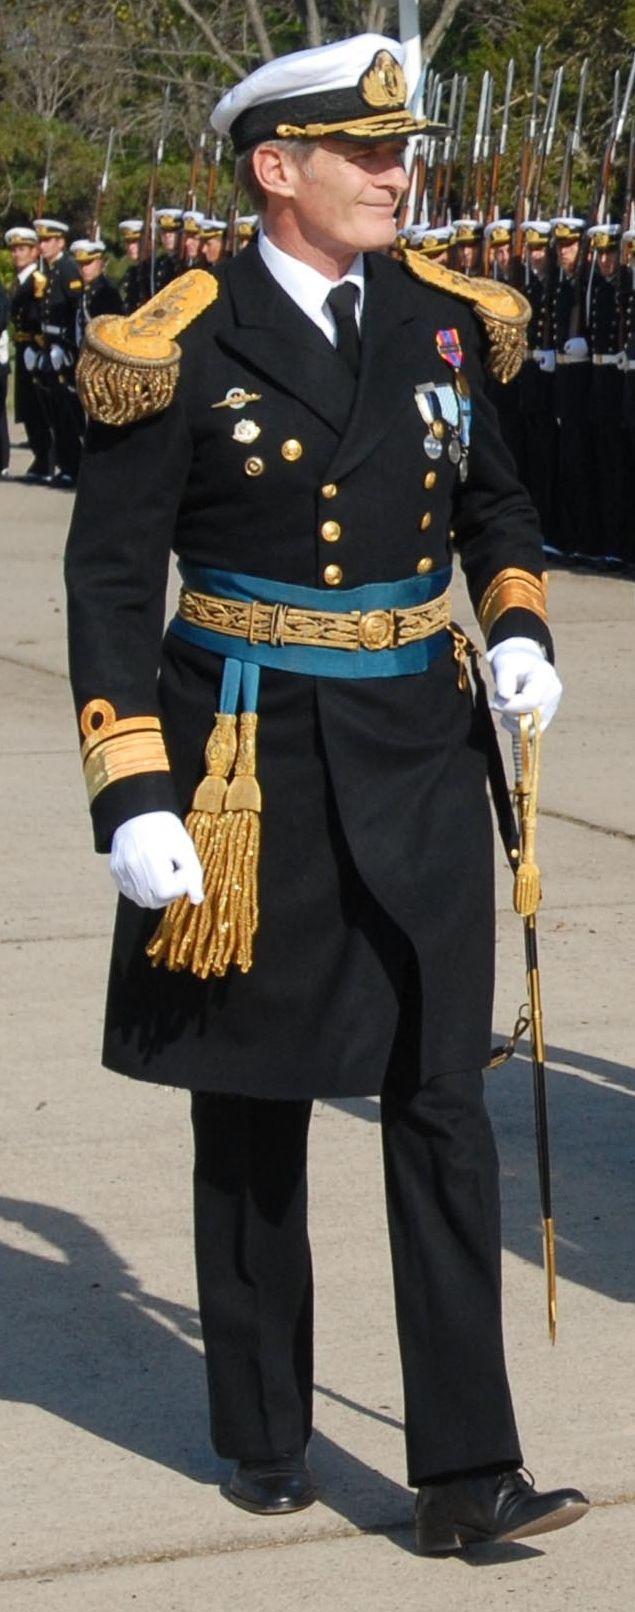 Uniforme de gala de Almirantes de la Armada Argentina / Argentine Navy admirals' parade dress uniform.